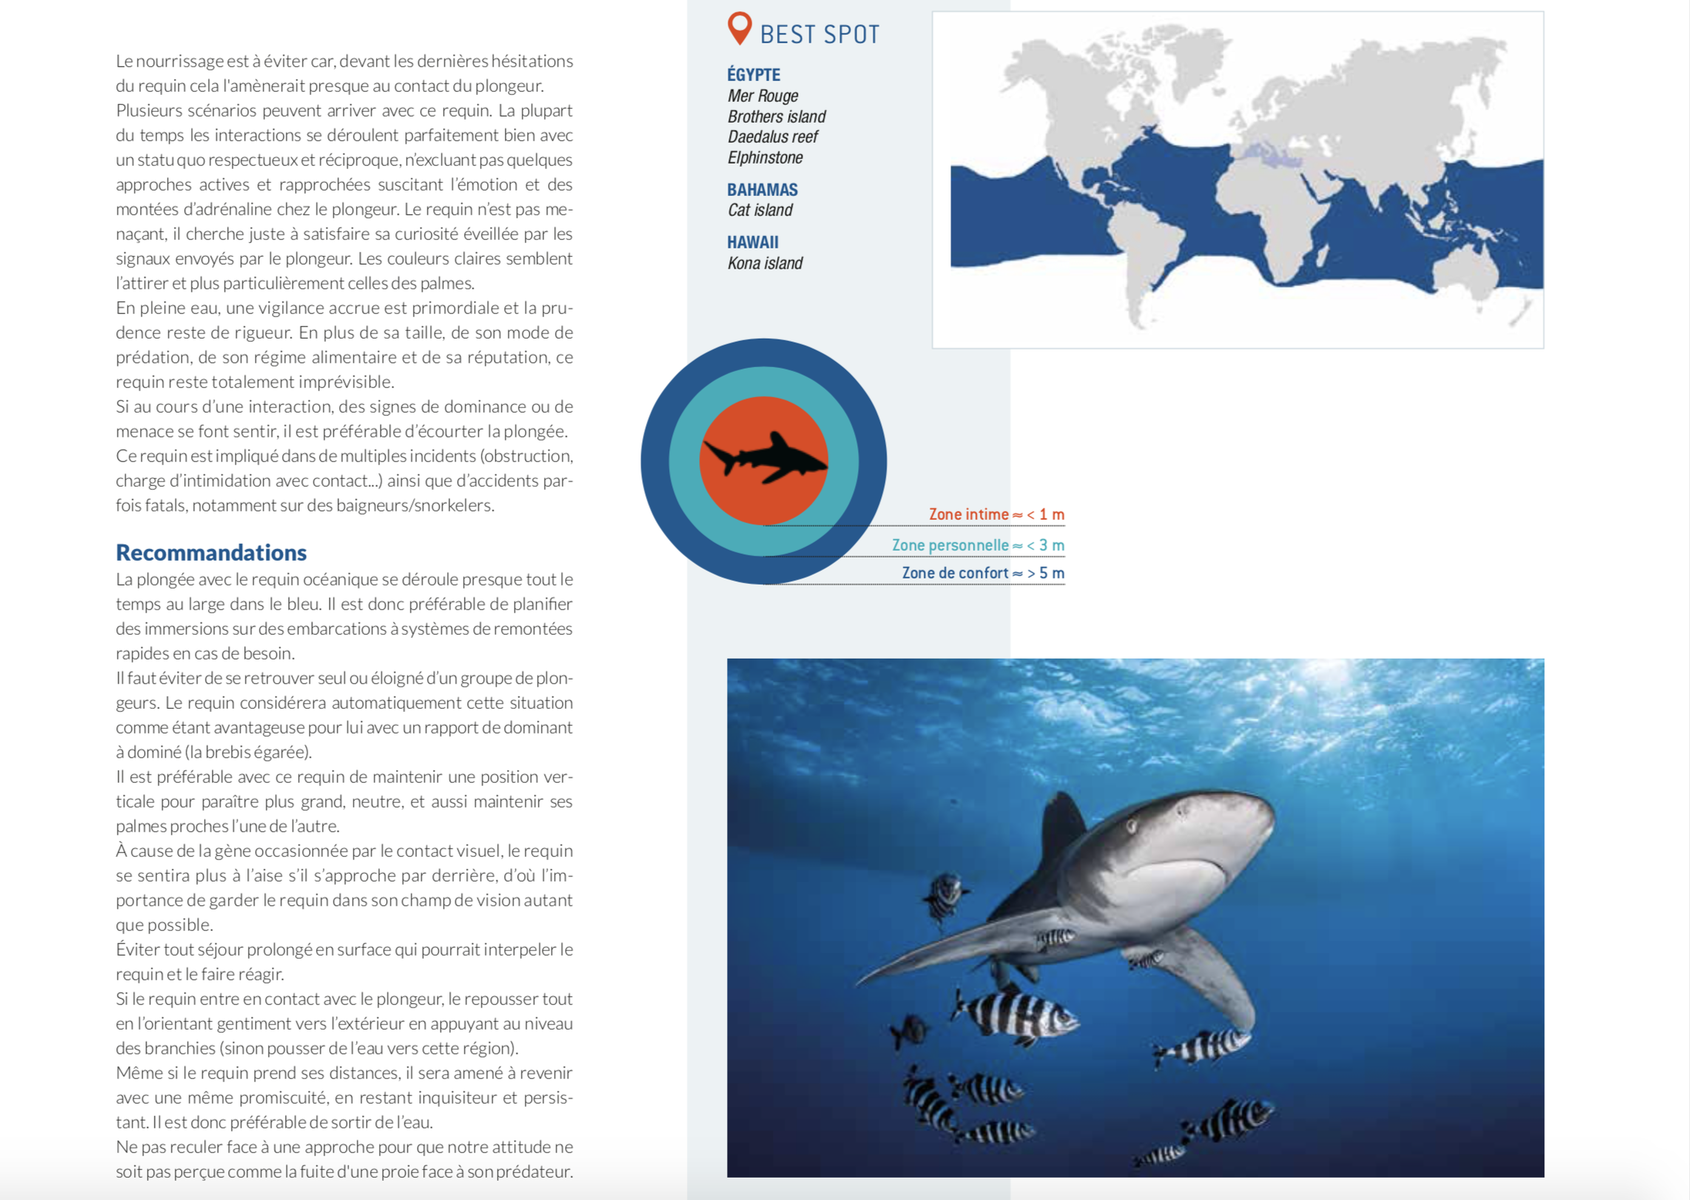 requin océanique best spot